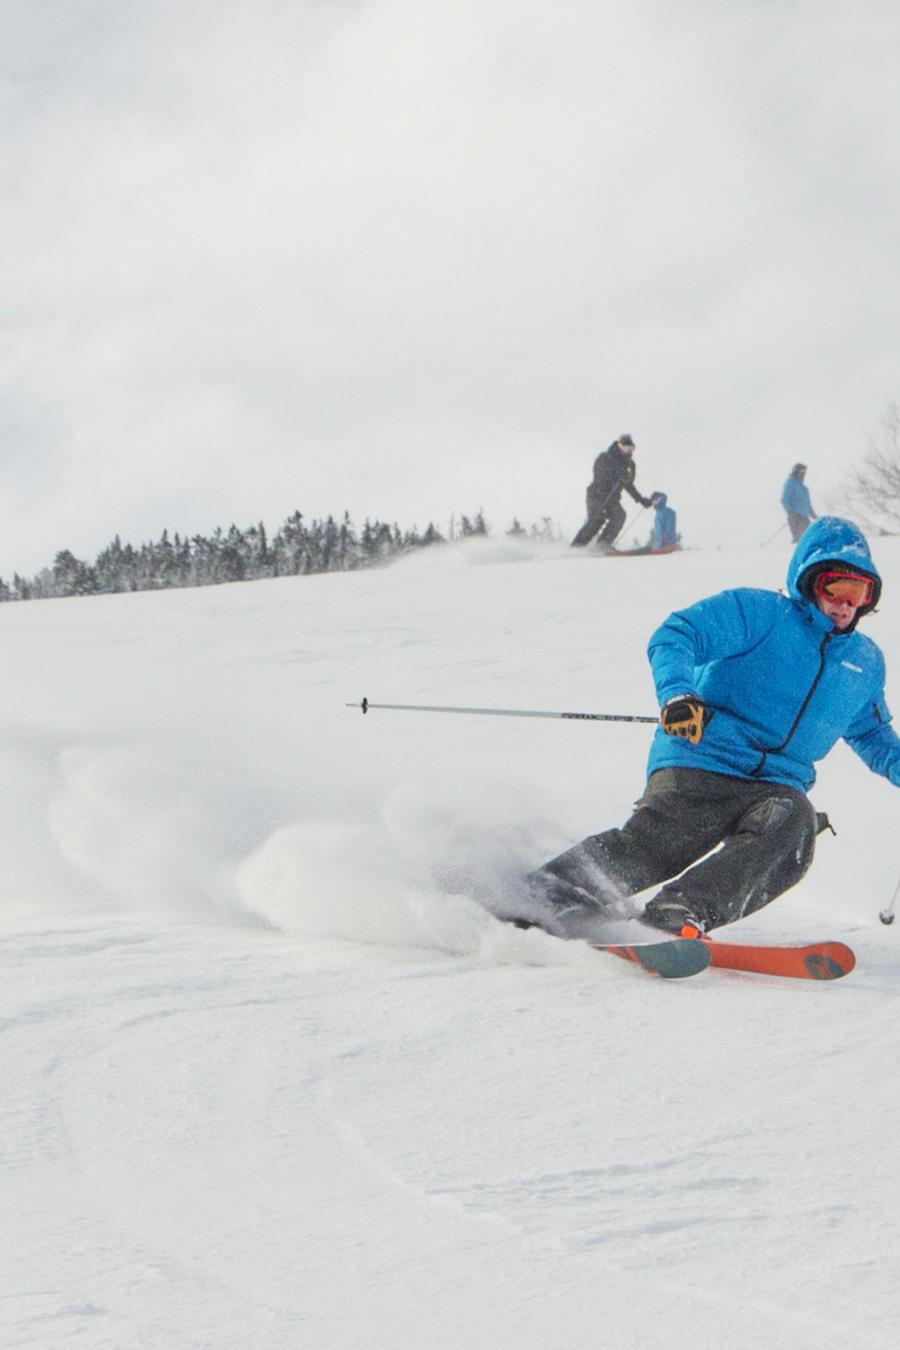 Un esquiador en Whiteface Mountain en febrero de 2017.